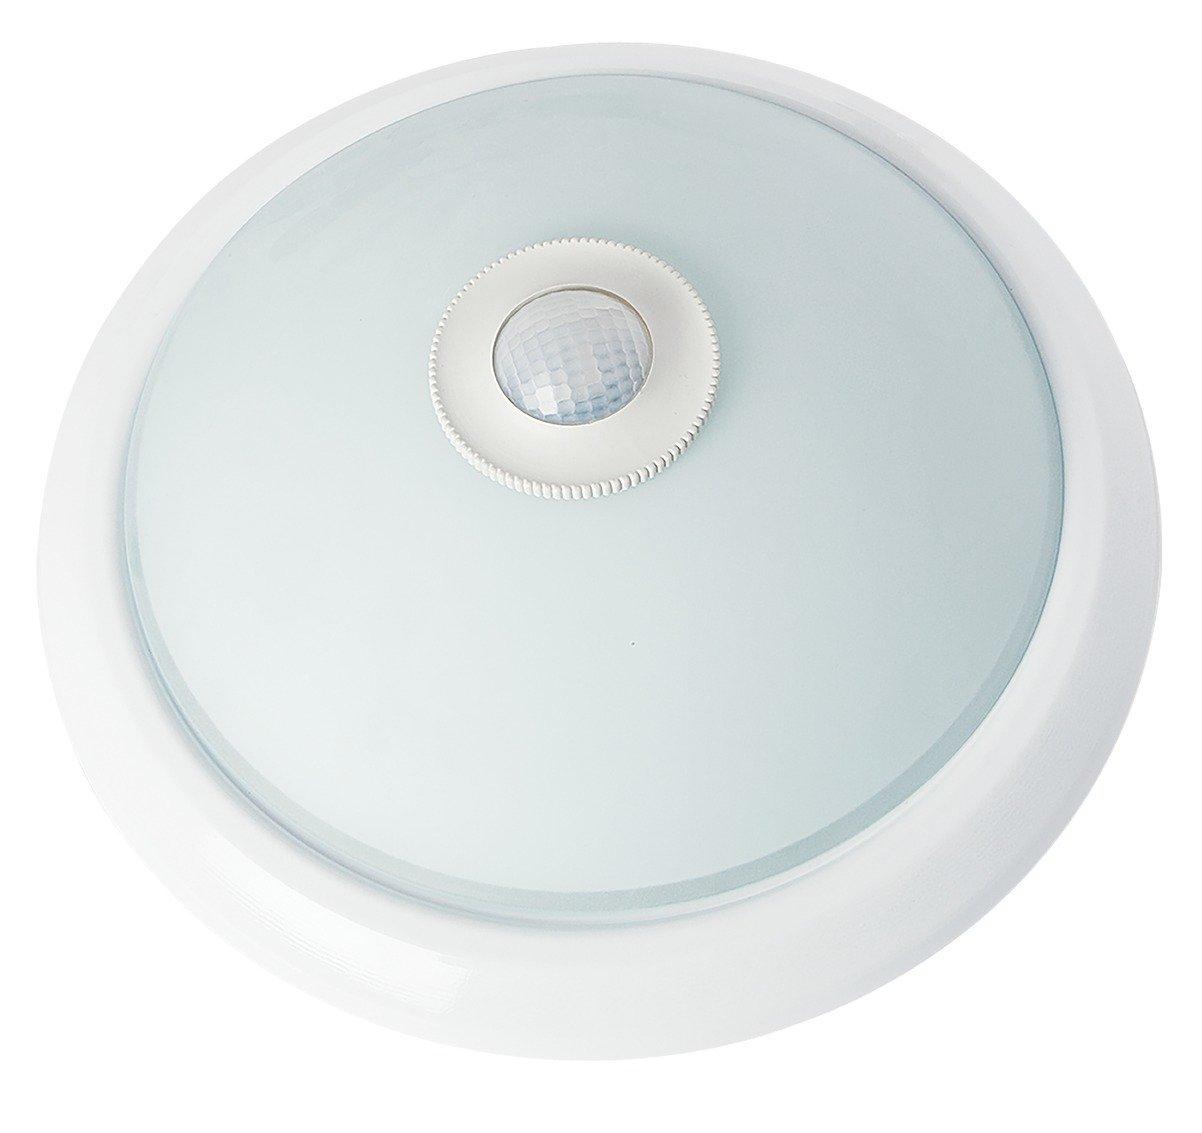 mutlusan 360 derece sensorlu tavan glop dibi armatur 2x25 w www elektrikmarket com tr